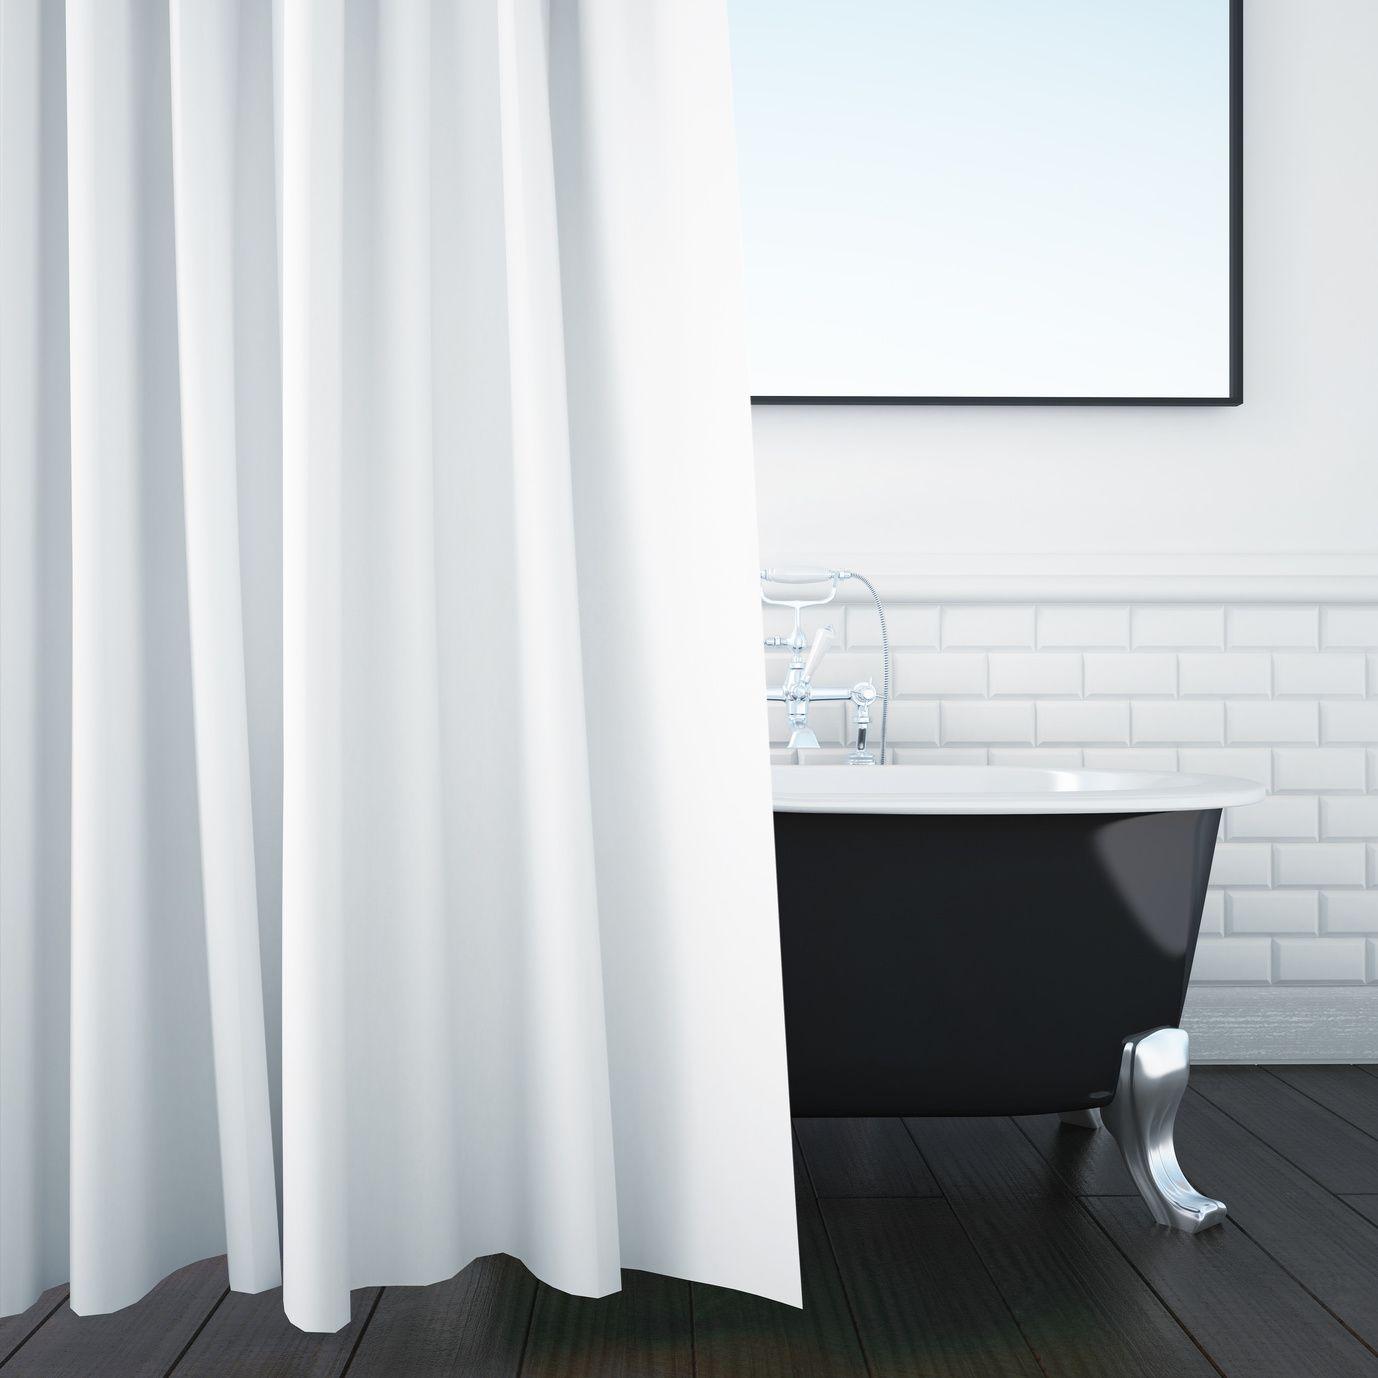 Duschvorhang reinigen 4 Tipps Duschvorhang, Dusche